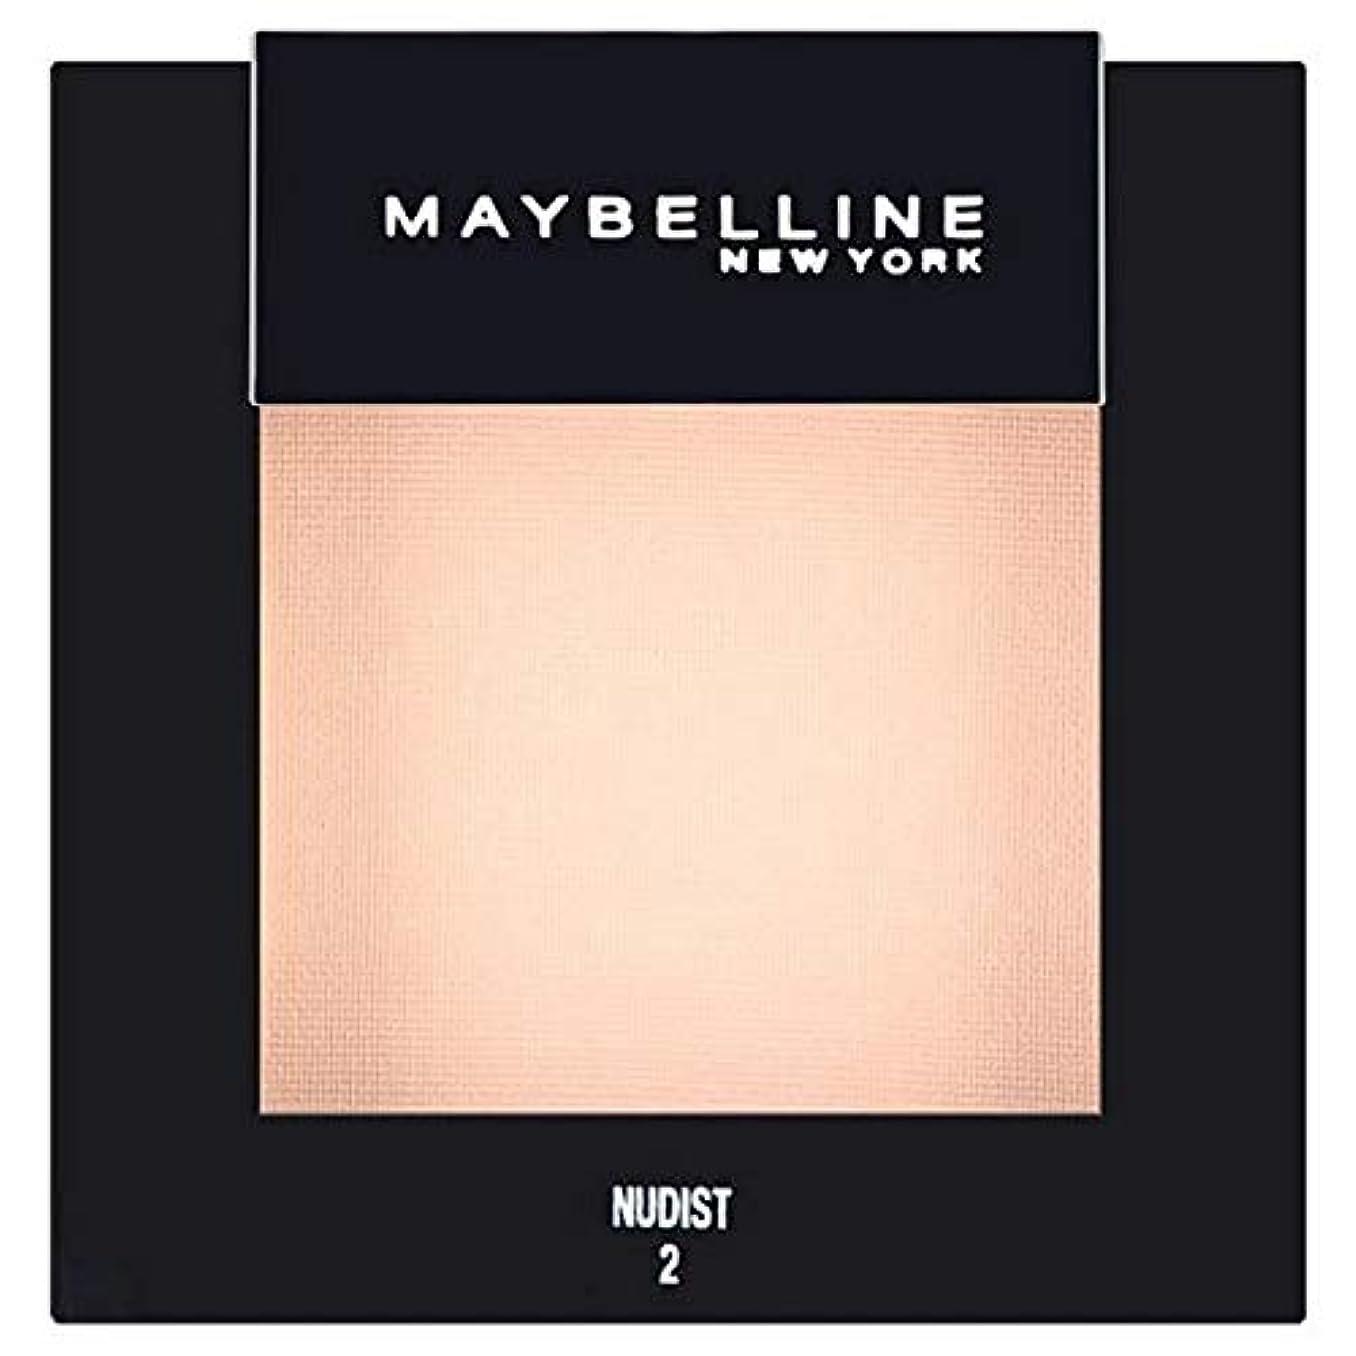 不器用膿瘍人生を作る[Maybelline ] メイベリンカラーショーシングルアイシャドウ02ヌーディスト - Maybelline Color Show Single Eyeshadow 02 Nudist [並行輸入品]